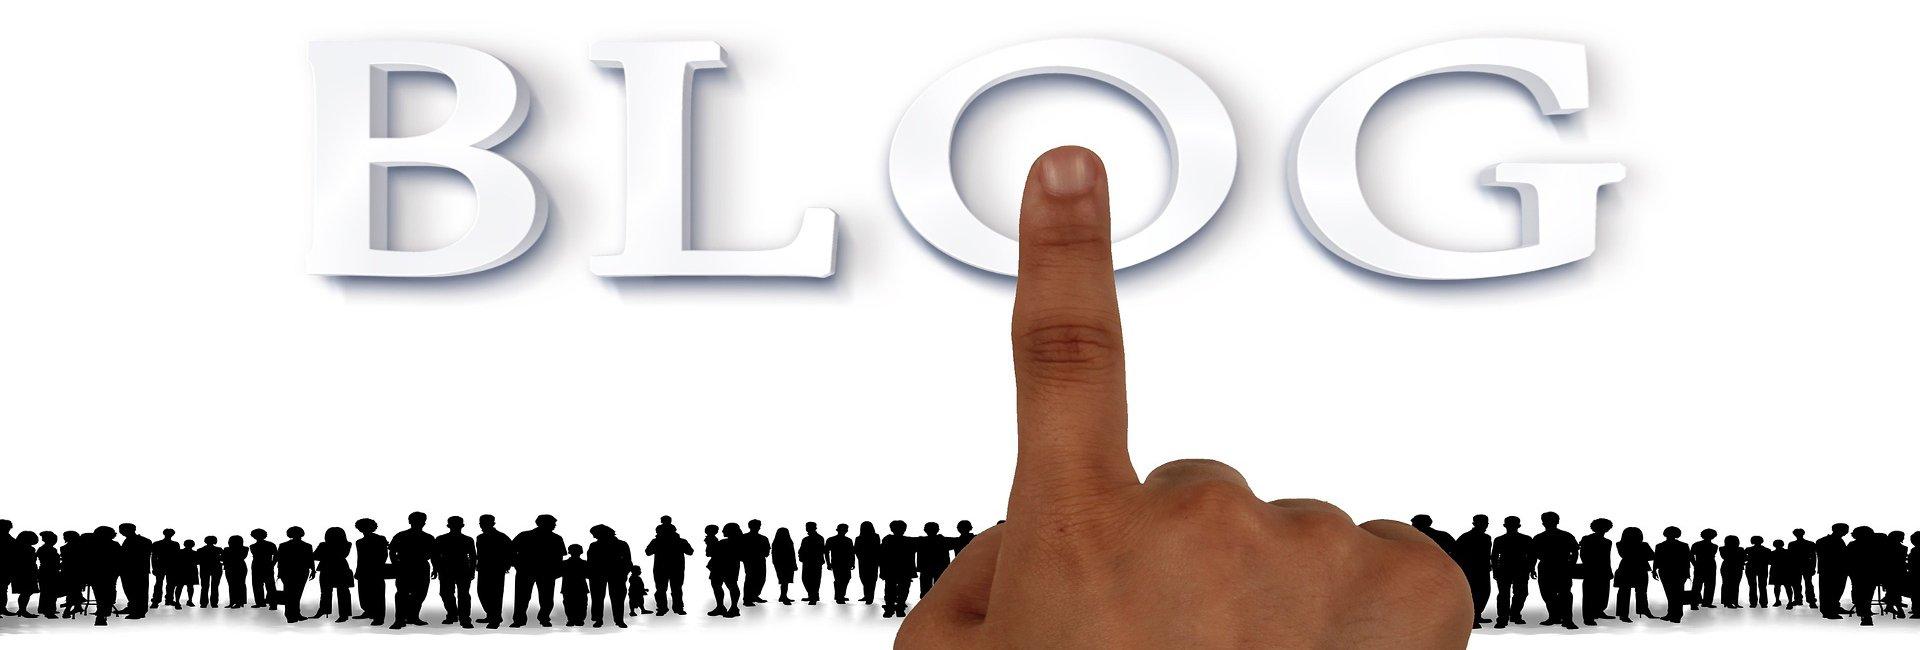 bloggers-smaller.jpg